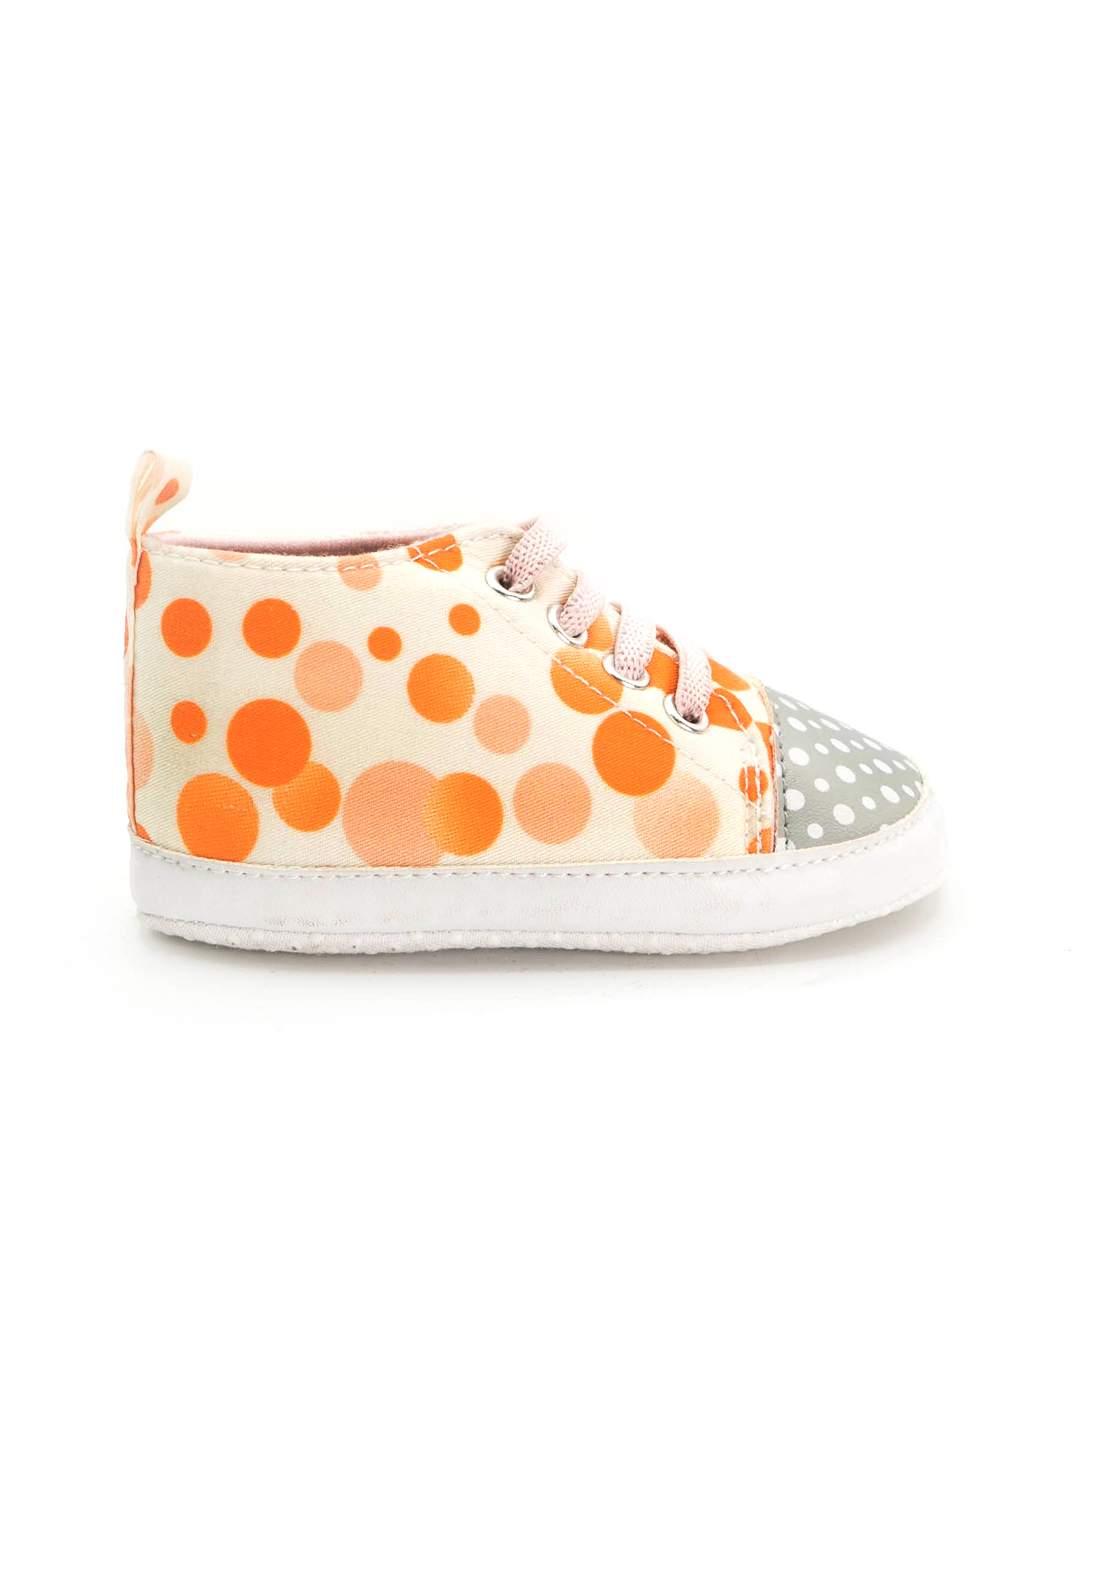 حذاء اطفال برتقالي اللون